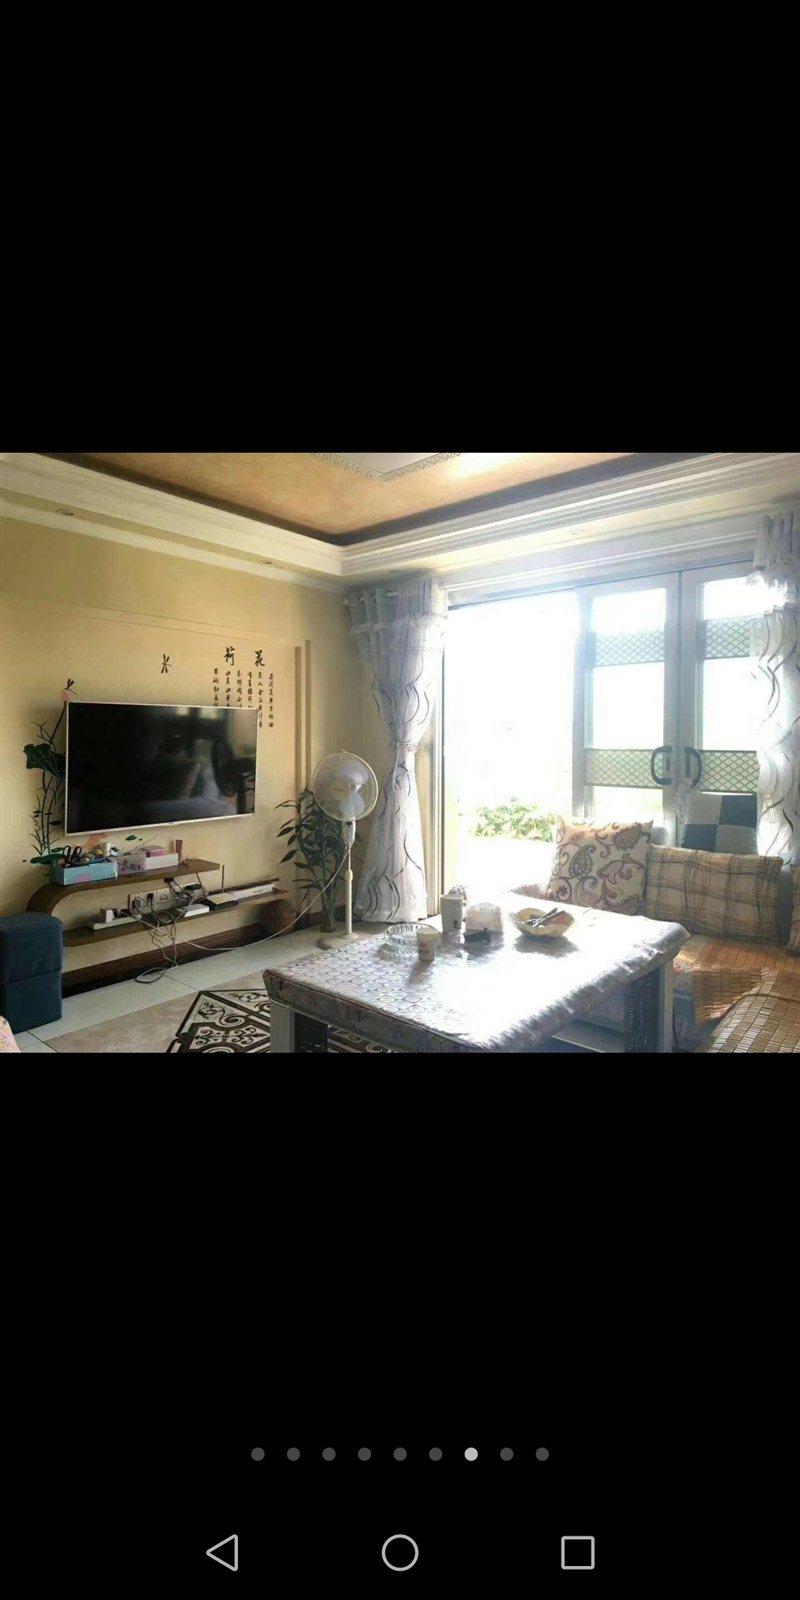 晋鹏·山台山4室2厅2卫94.80万元